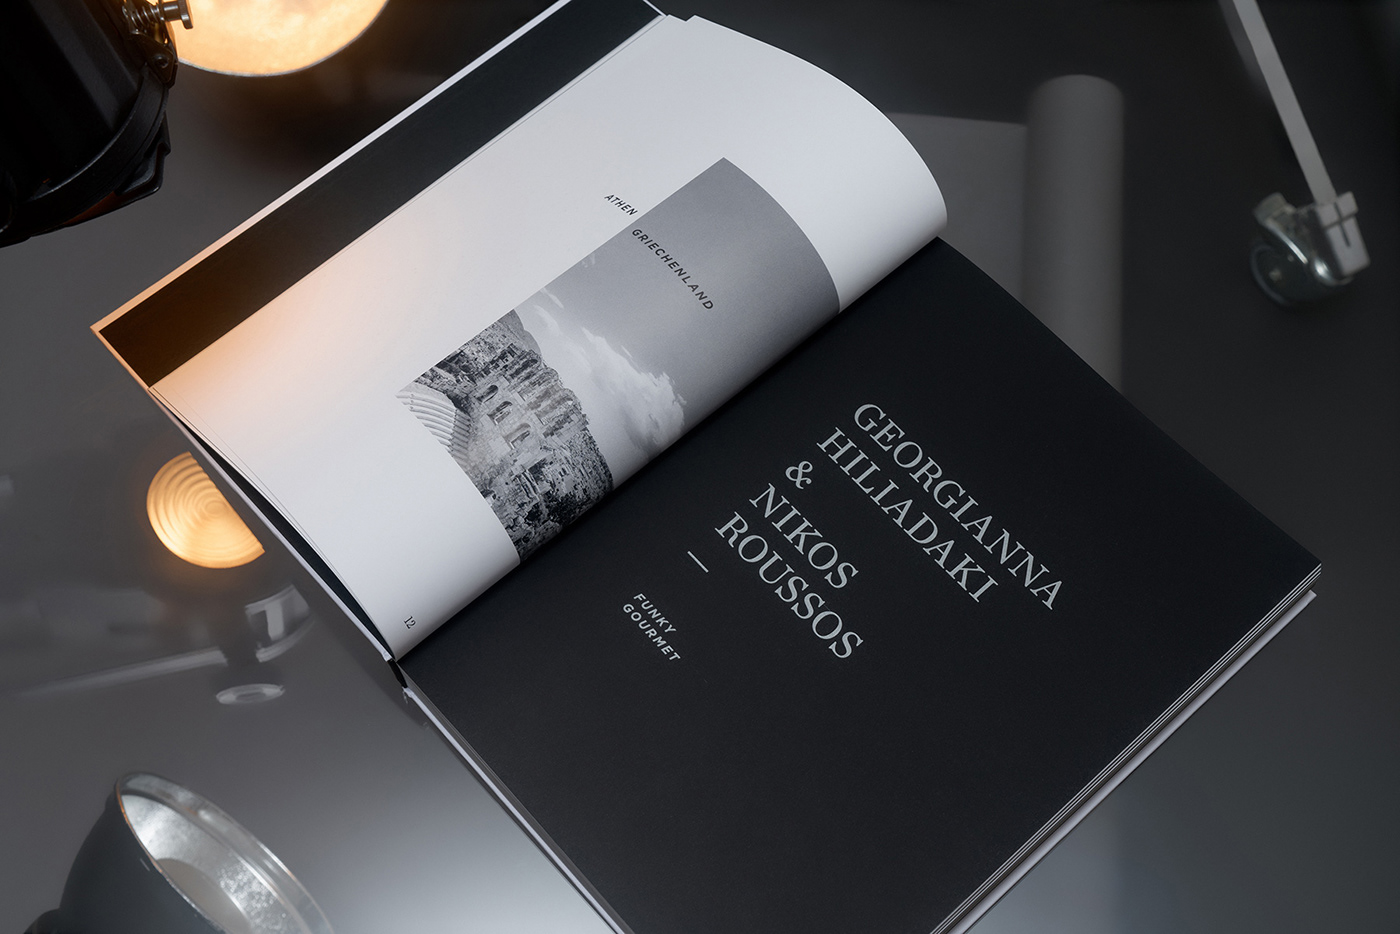 bestchefs Bookdesign coffeetablebook cookbook cookbookdesign graphicdesign recipes wirsindartisten